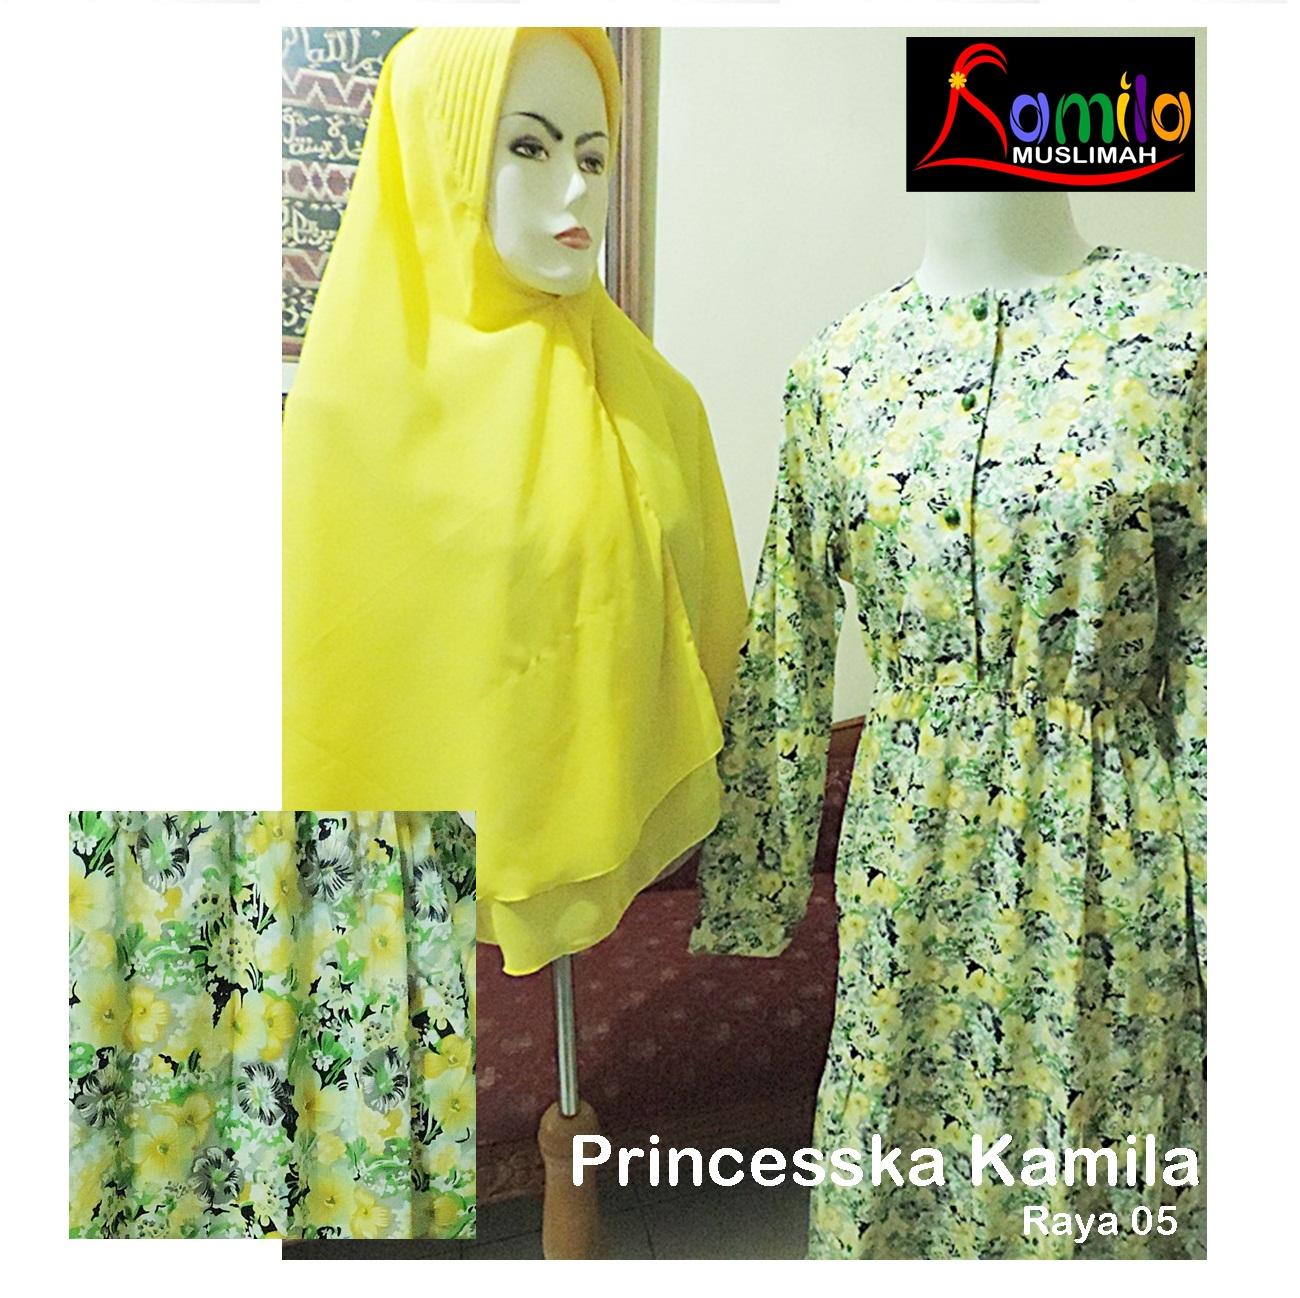 Baju Muslim Gamis Set Bergo Murah Jual Katun Jepang Halus Terbaru Di Bogor Limited Stock So Better Order Sekarang Berkualitas Dan Nyaman Sekali Ketika Dipakai